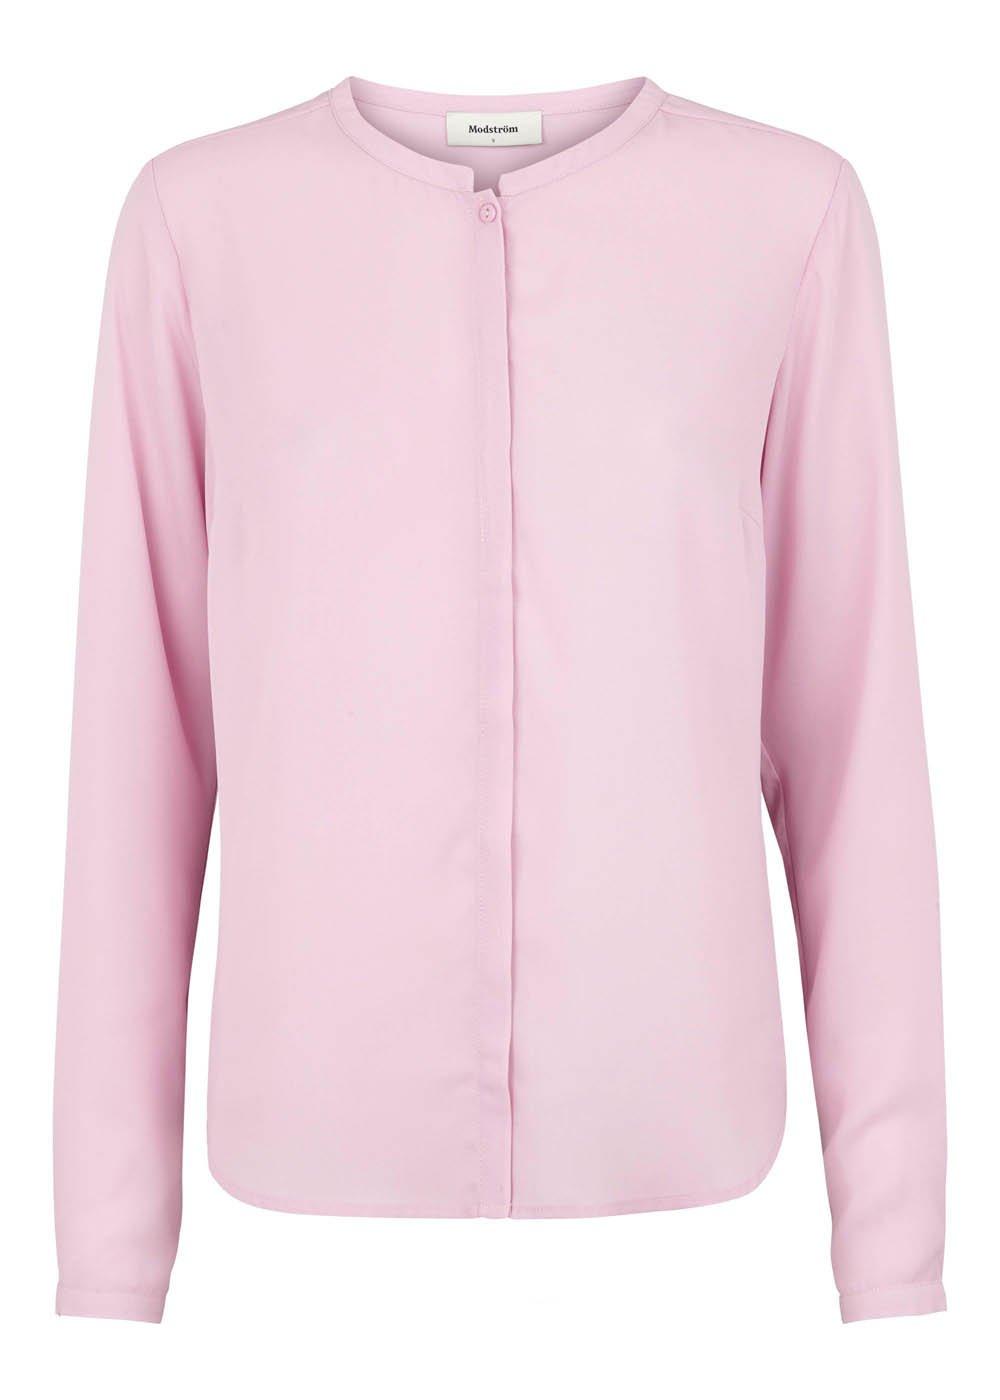 Cyler Shirt - Ballet Pink